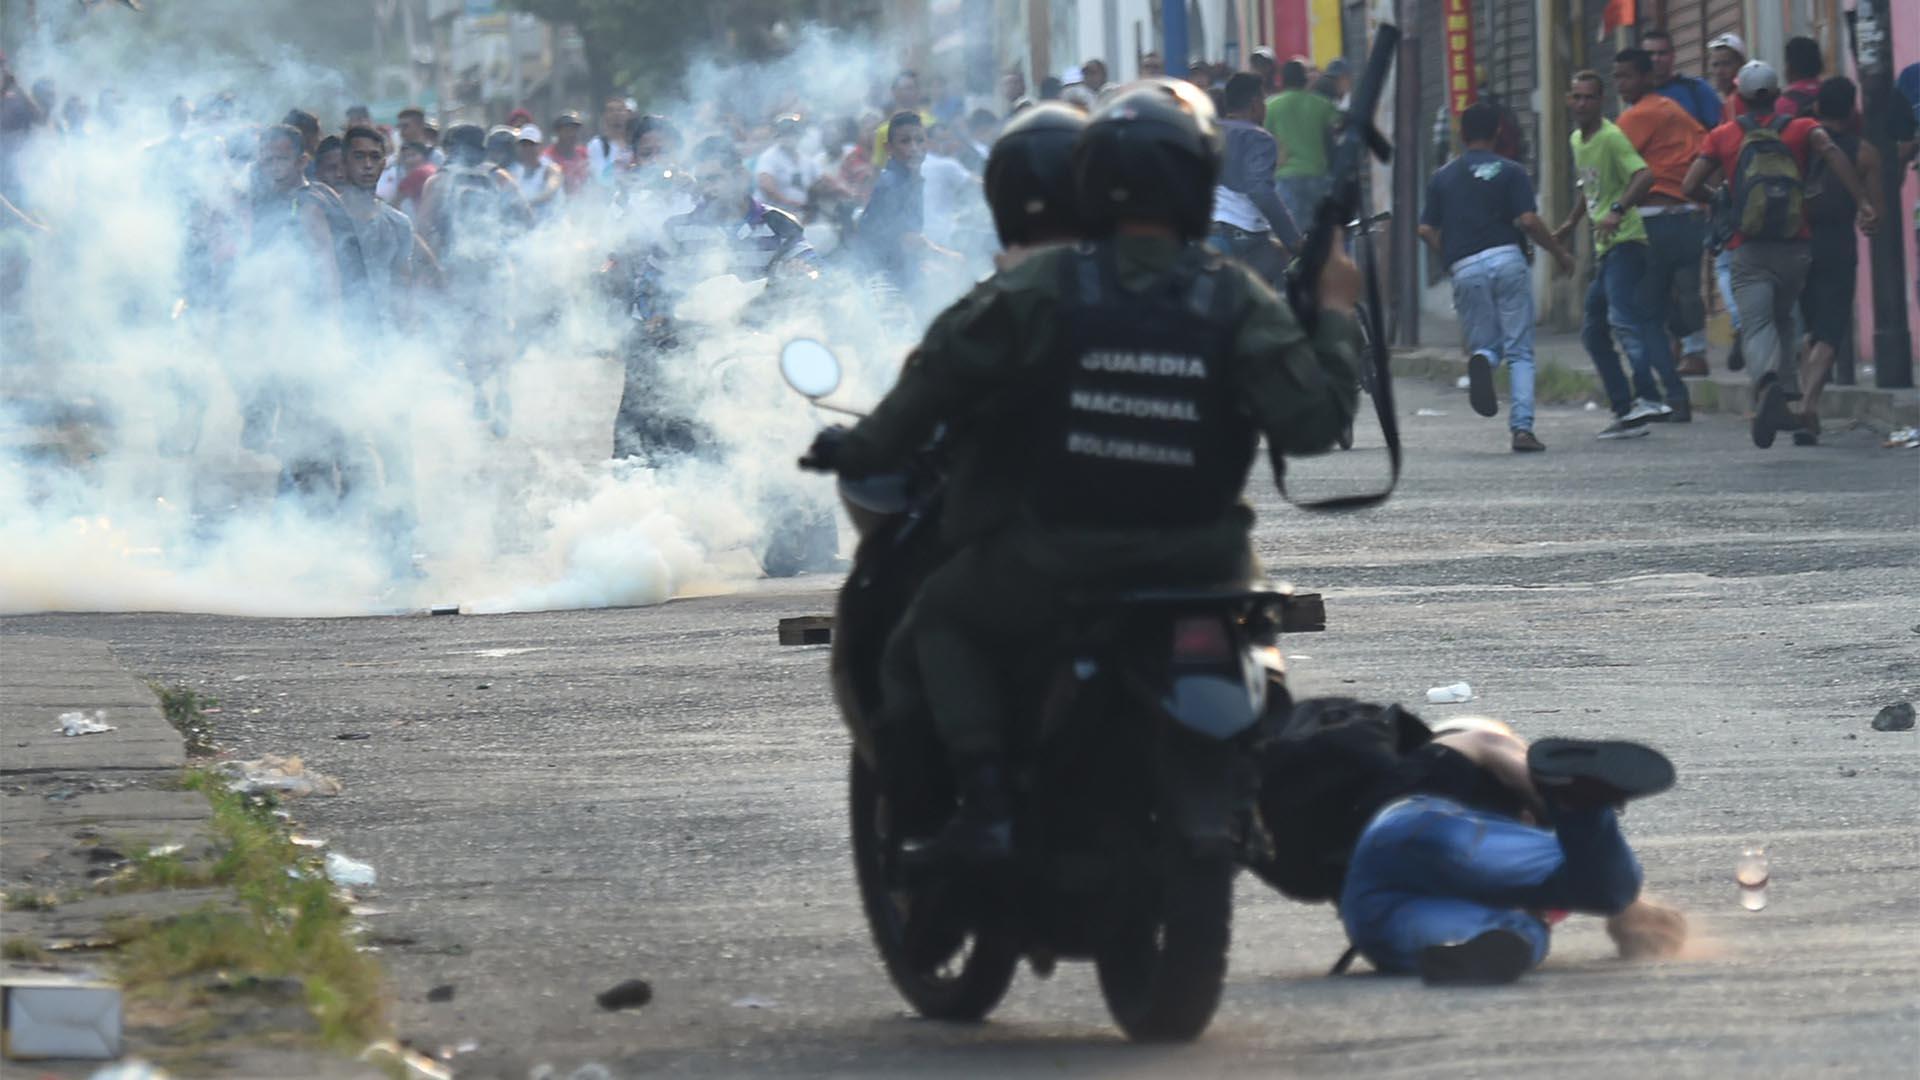 Guardias nacionales venezolanos chocan con manifestantes en la ciudad fronteriza de Ureña después de que el gobierno de Maduro ordenara cerrar temporalmente la frontera con Colombia (AFP)